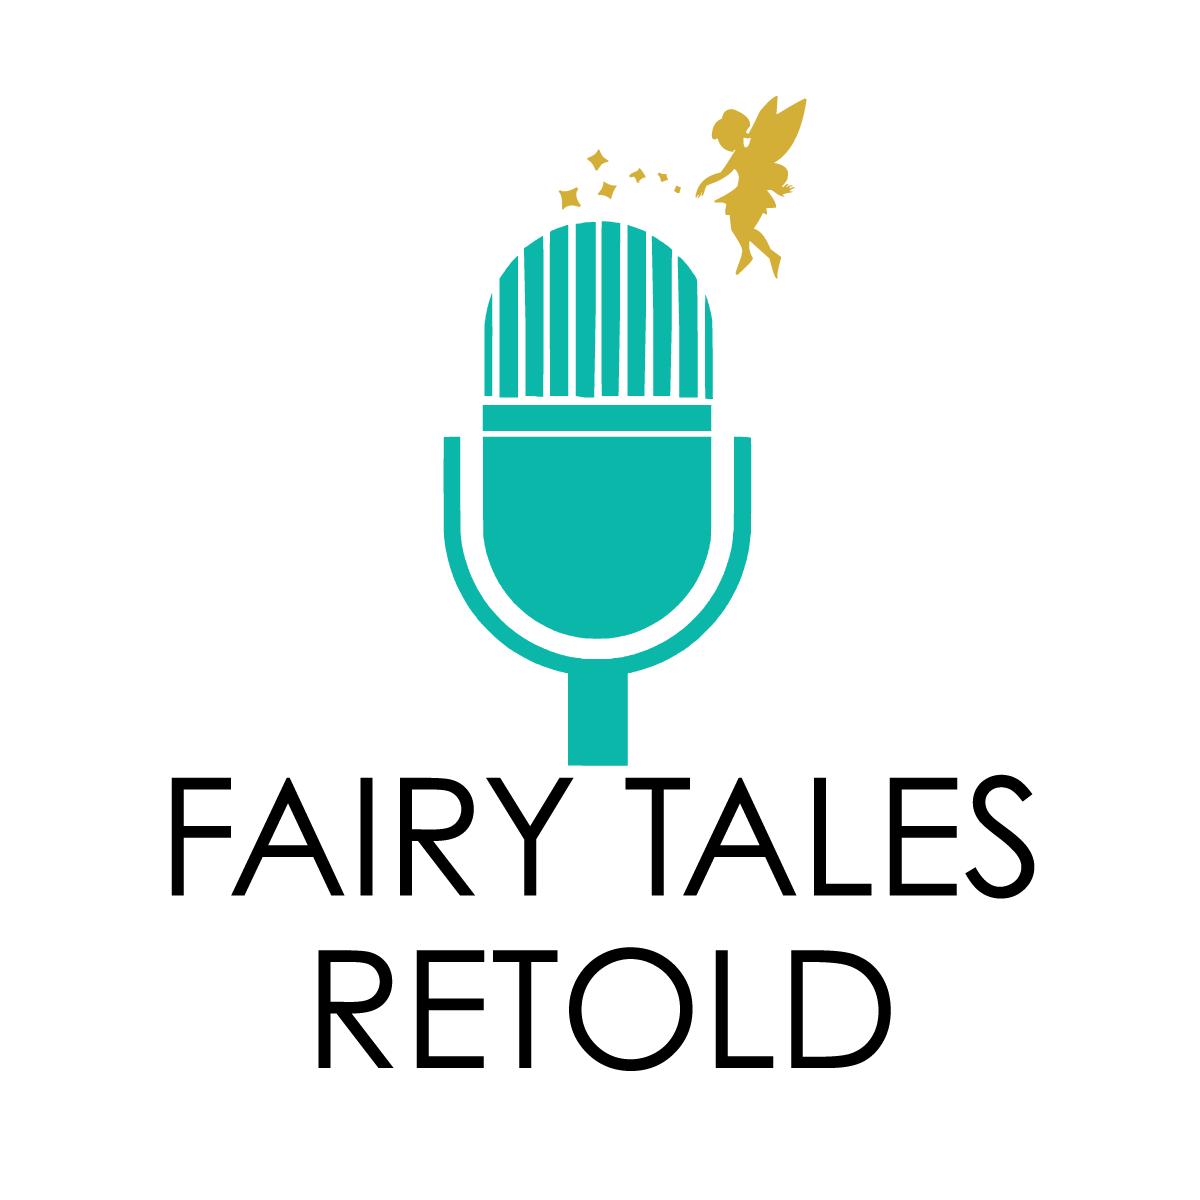 FairytalesretoldLogo